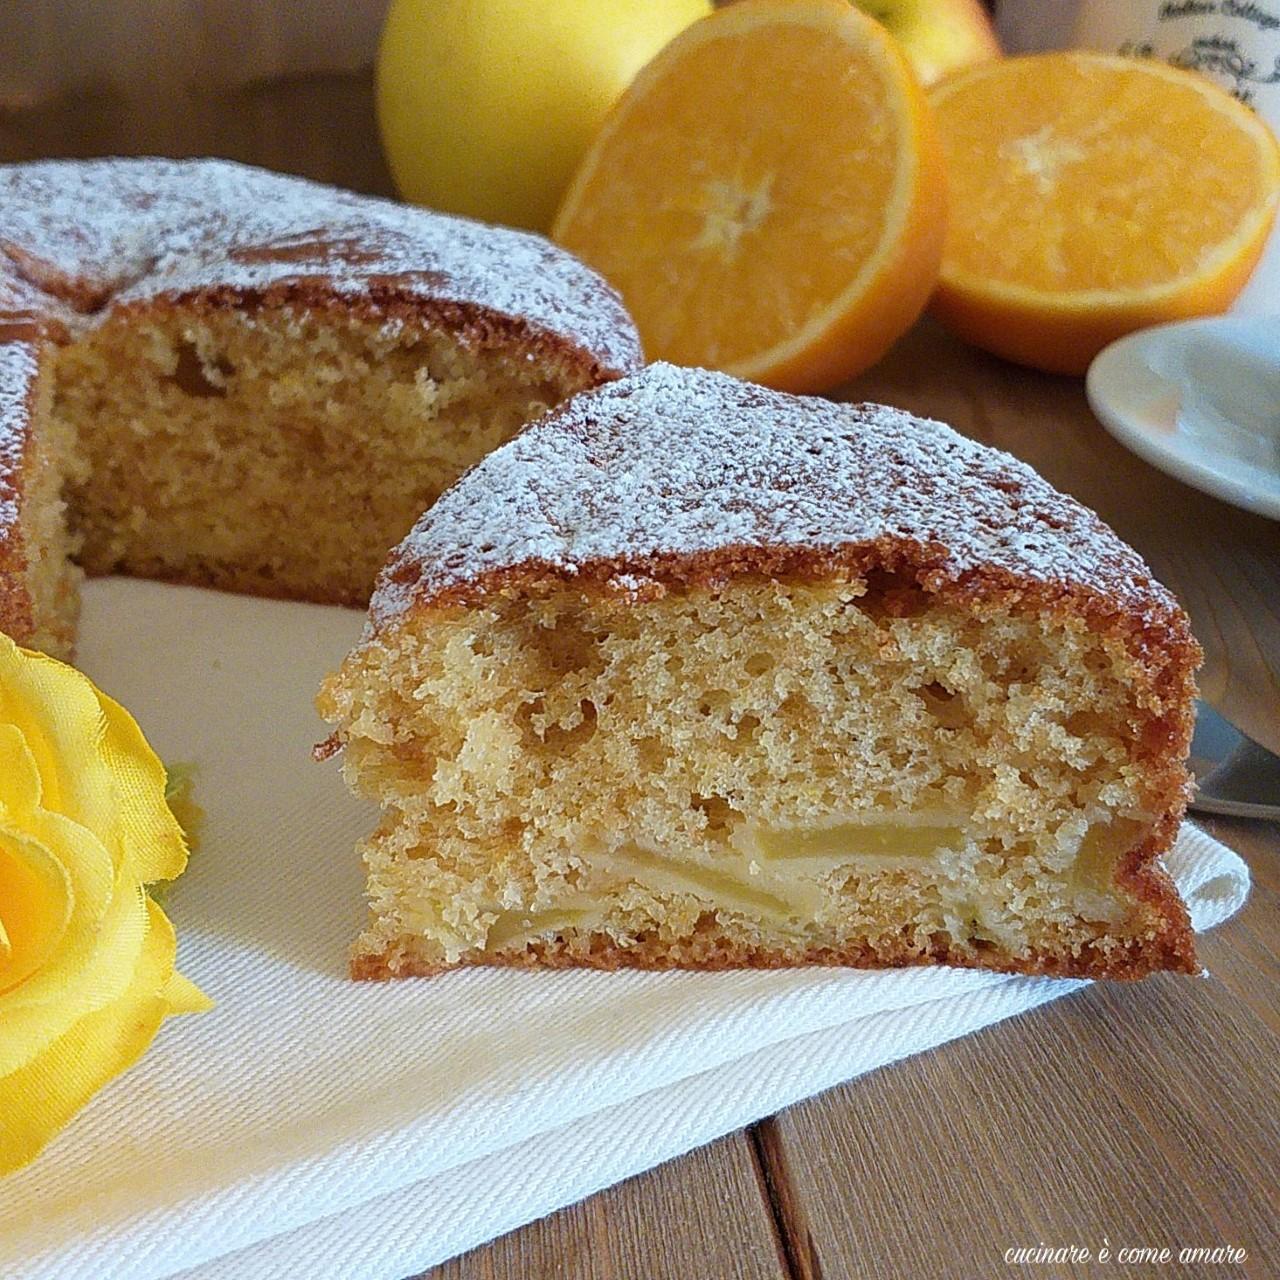 Torta 5 minuti arancia e mela cucinare come amare for Cucinare 5 minuti